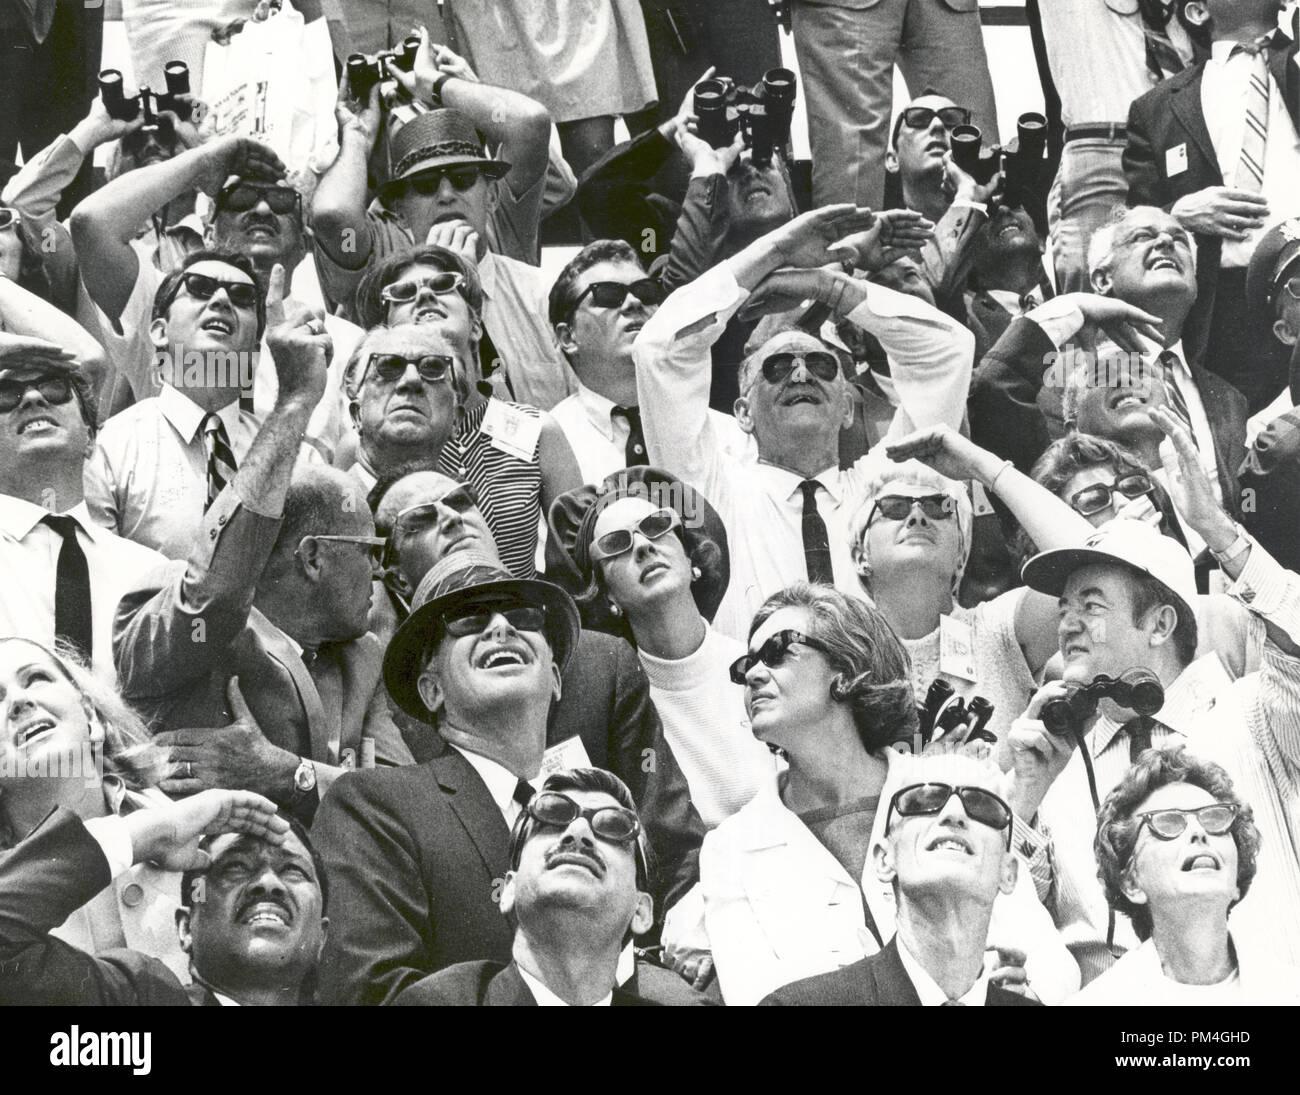 Il Centro Spaziale Kennedy Vice Direttore per la somministrazione, Albert Siepert, seduti a sinistra in terza fila, sottolinea i punti salienti della Apollo 10 il decollo a Belgiums King Baudouin e Regina Fabiola. Accanto alla regina è la signora Siepert. Ex Vice Presidente Hubert Humphrey, nel cappello da baseball a destra, colloqui con il sig. e la Sig.ra Emil Mosbacher, seduto accanto a lui. Il sig. Mosbacher è il capo degli STATI UNITI Il protocollo n. L'Apollo 10 astronauti sono stati lanciati da un Apollo/Saturn V veicolo spaziale a 12:49 pm EDT, 18 maggio 1969, dal KSC complessi di lancio 39B. Riferimento al file # 1003_021THA Immagini Stock